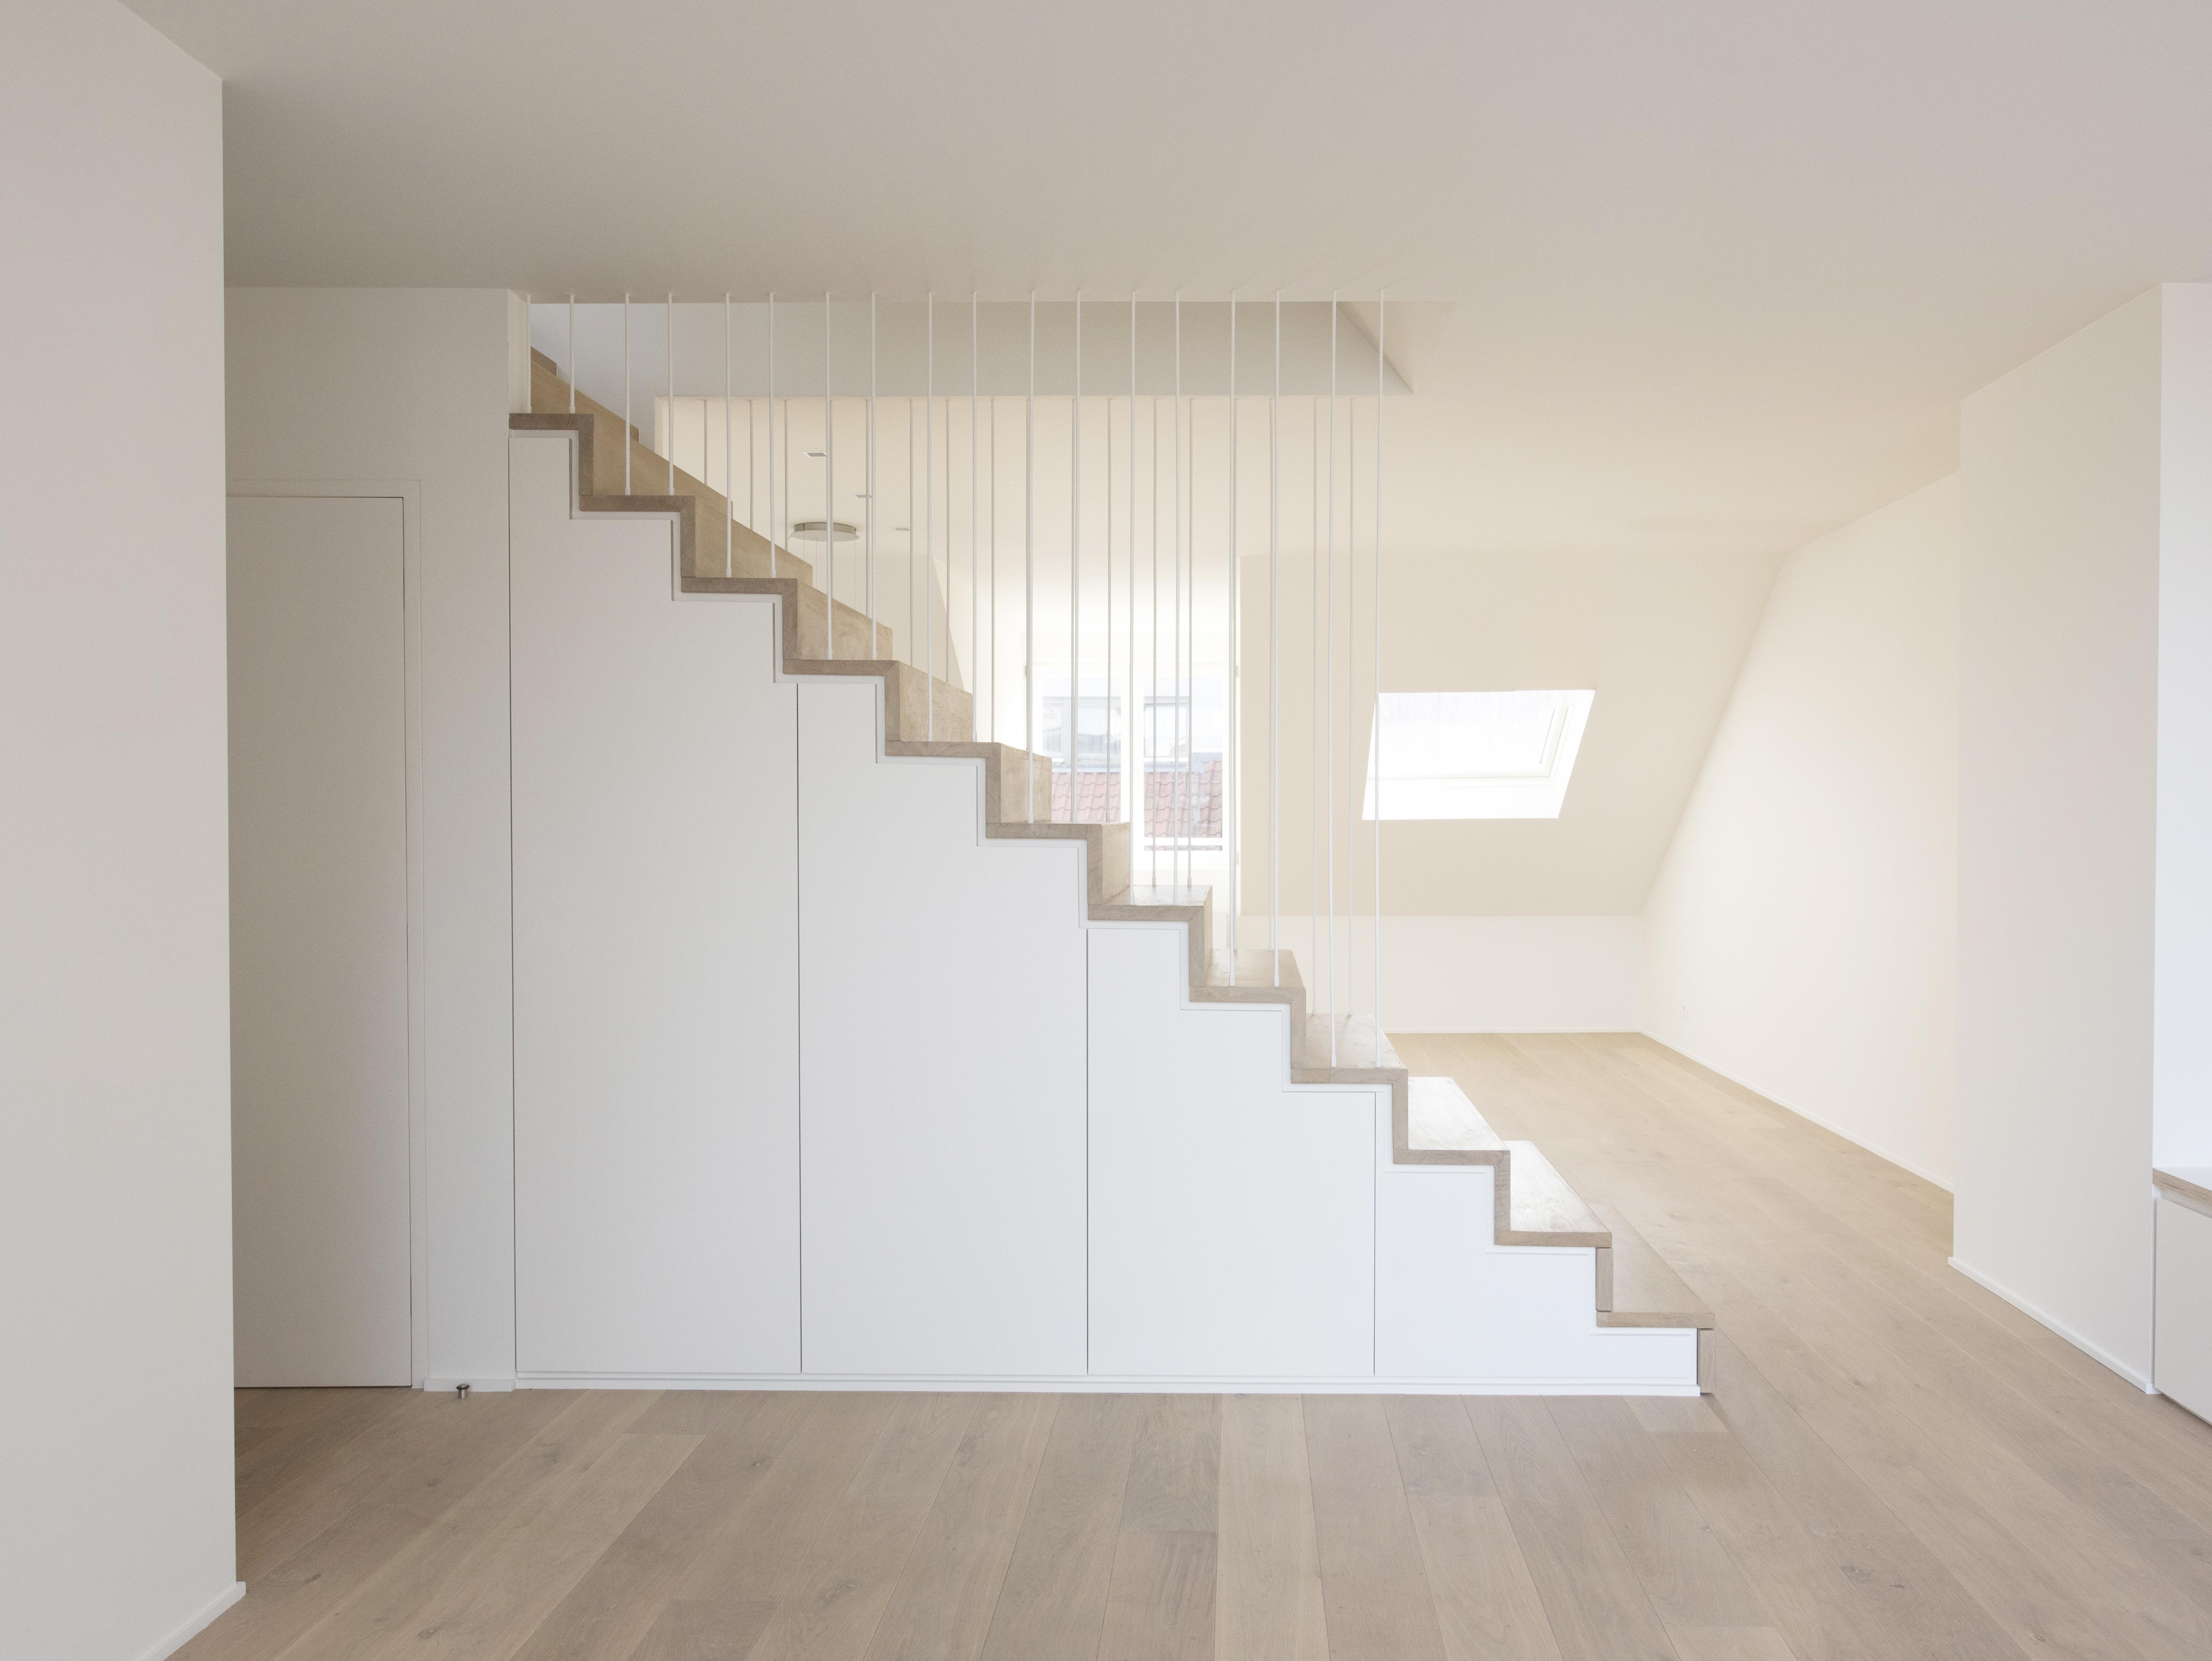 création escalier design bruxelles